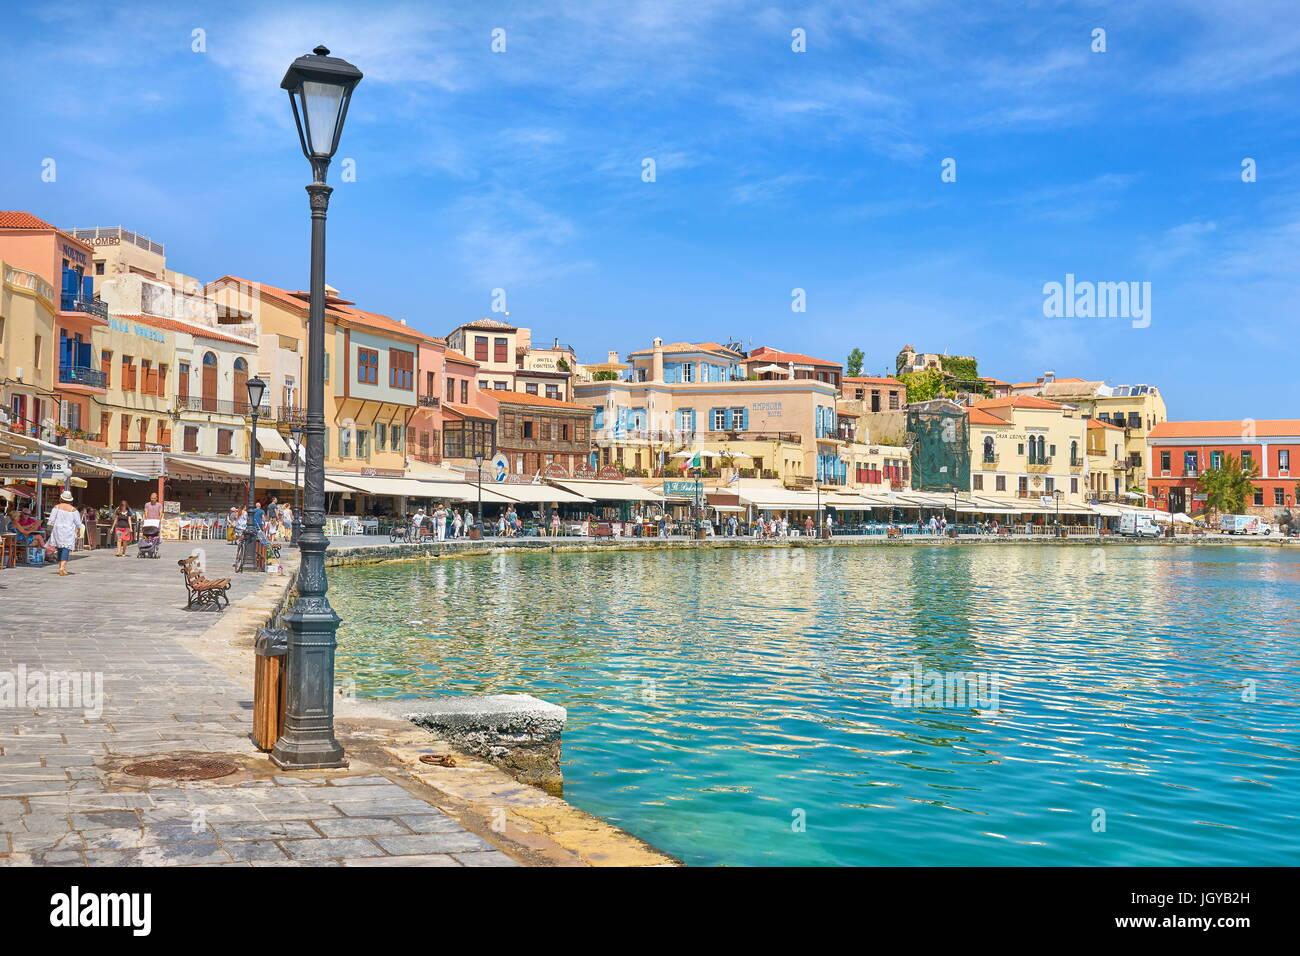 Port vénitien de Chania vieille ville, l'île de Crète, Grèce Photo Stock